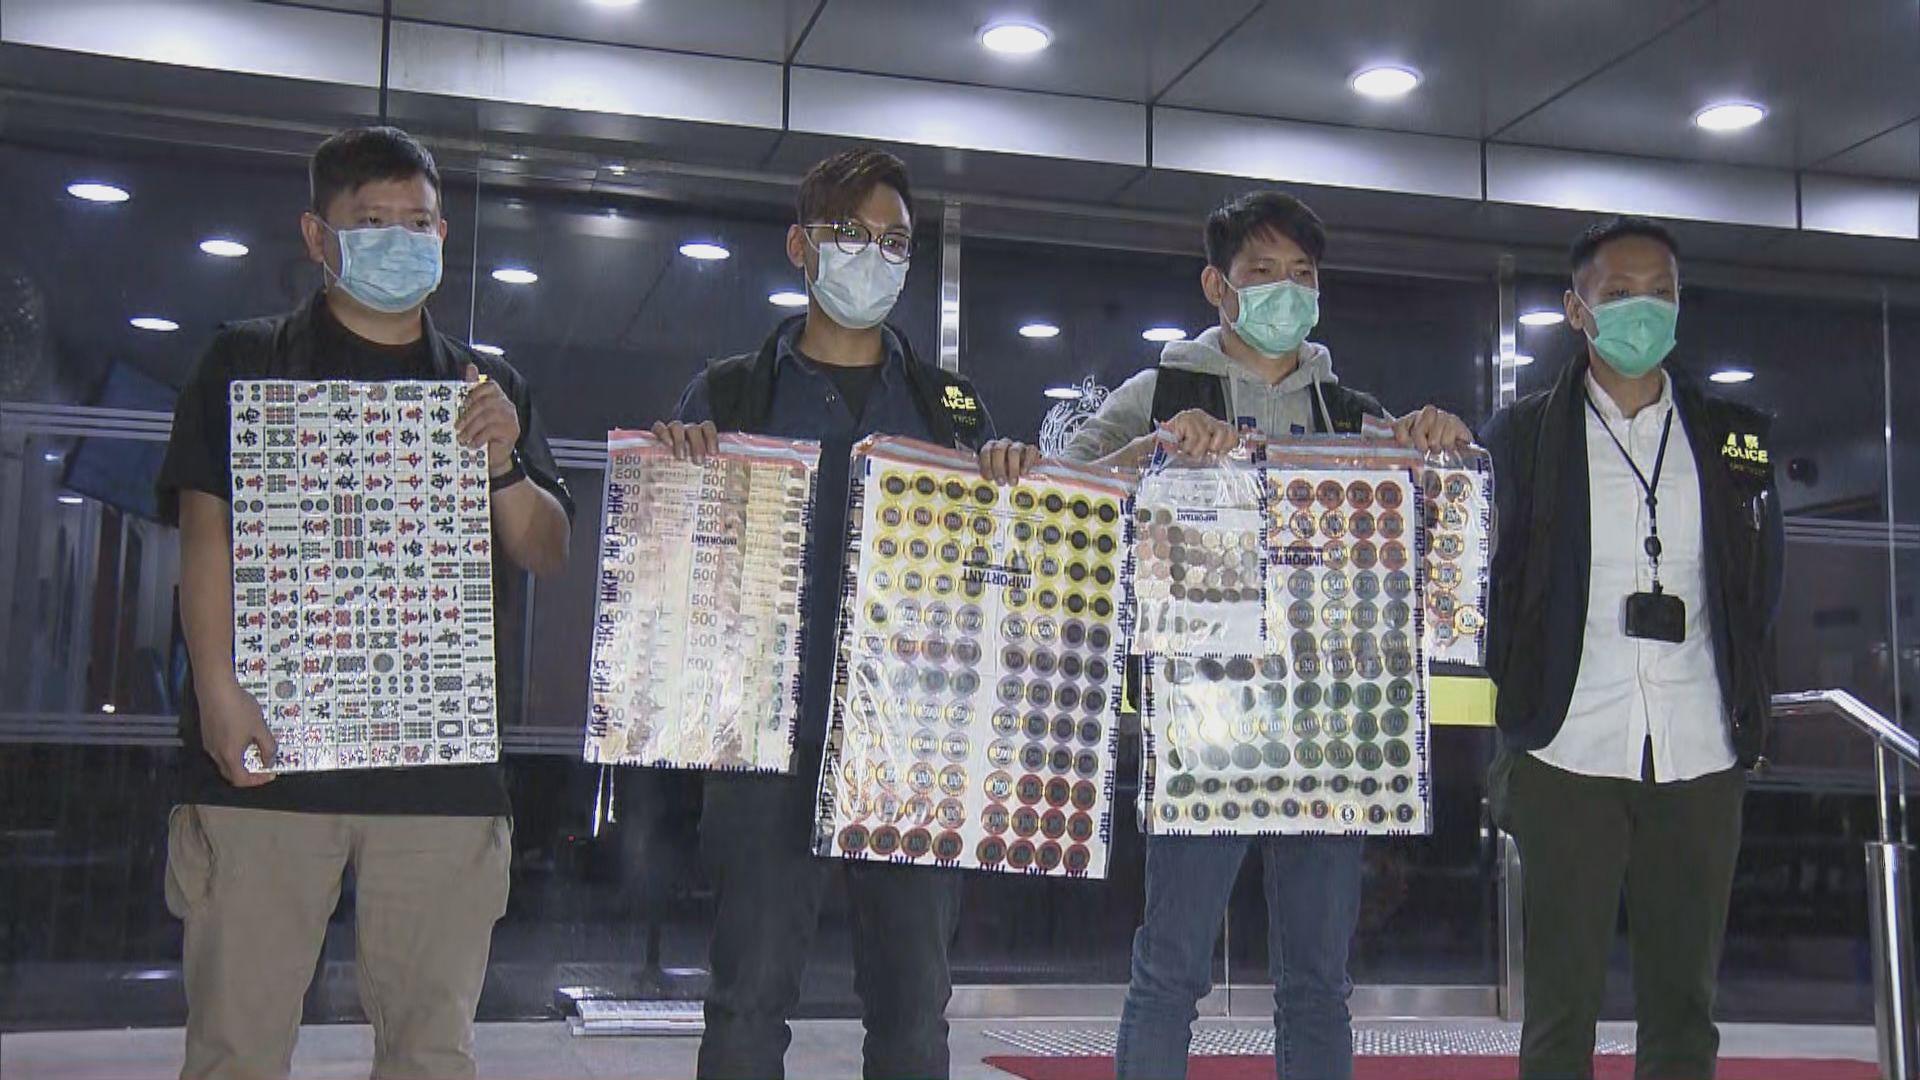 警方在荃灣破兩個非法賭檔拘39人